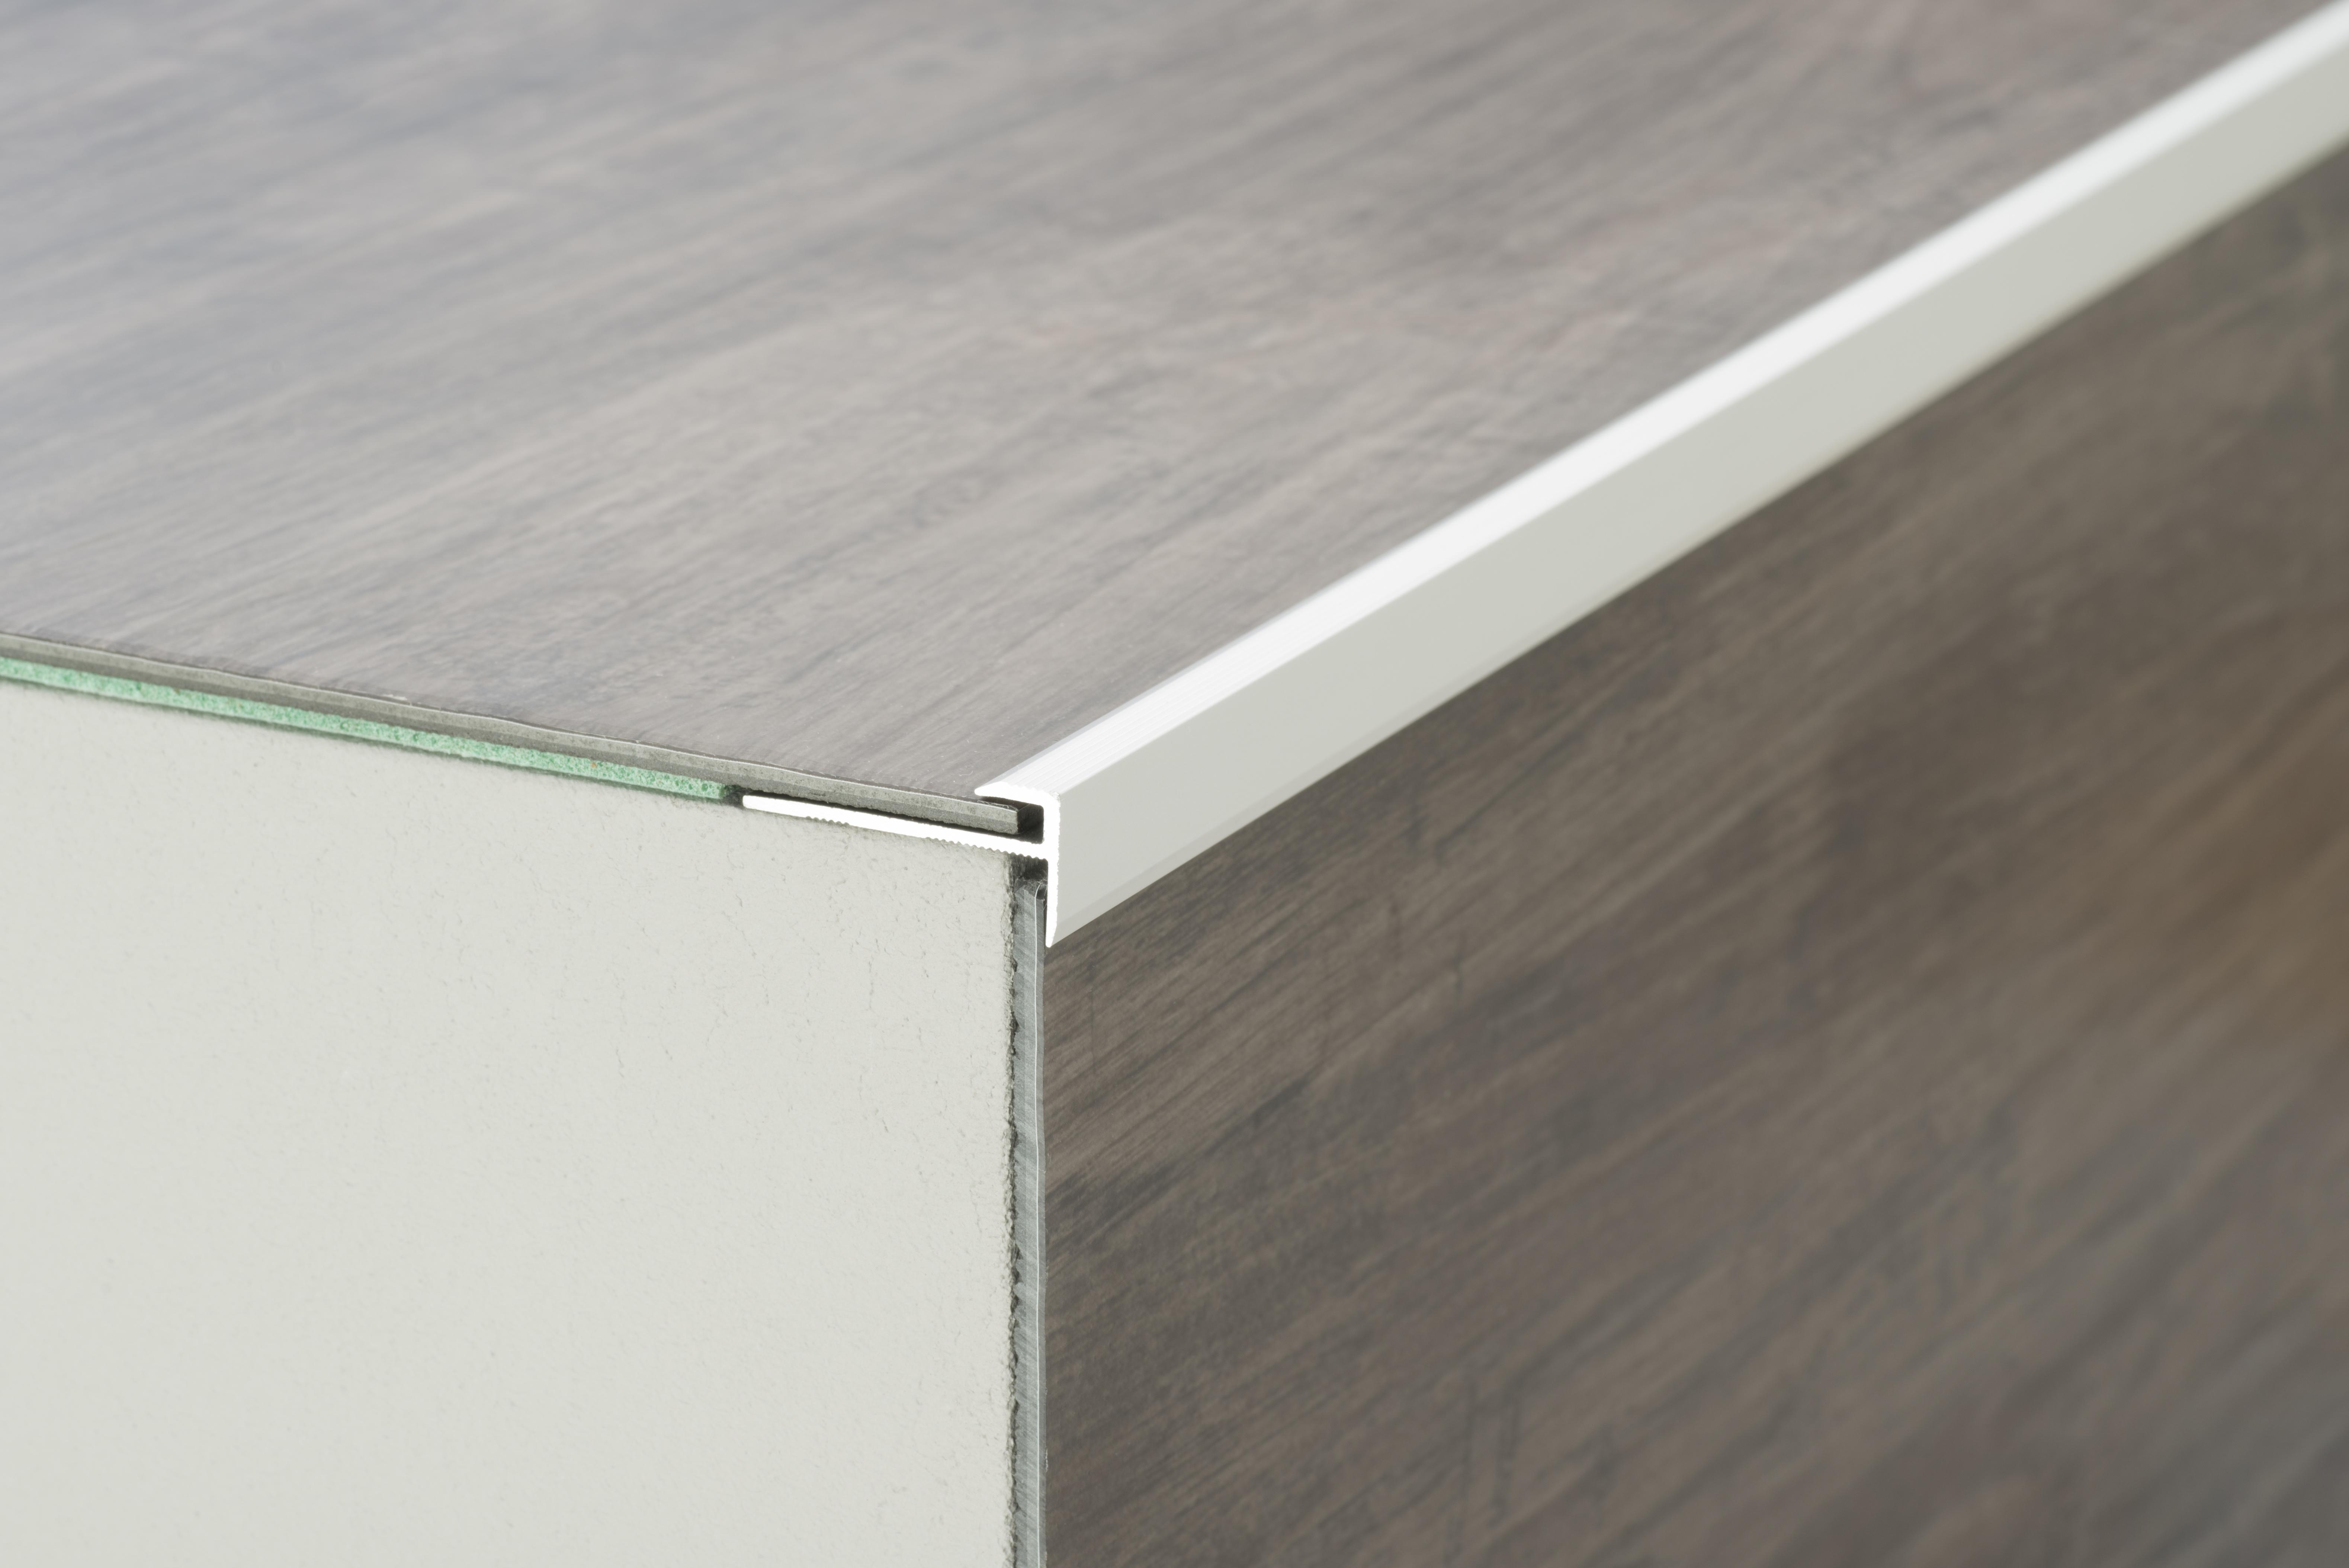 Treppenkante LVT für Vinylboden